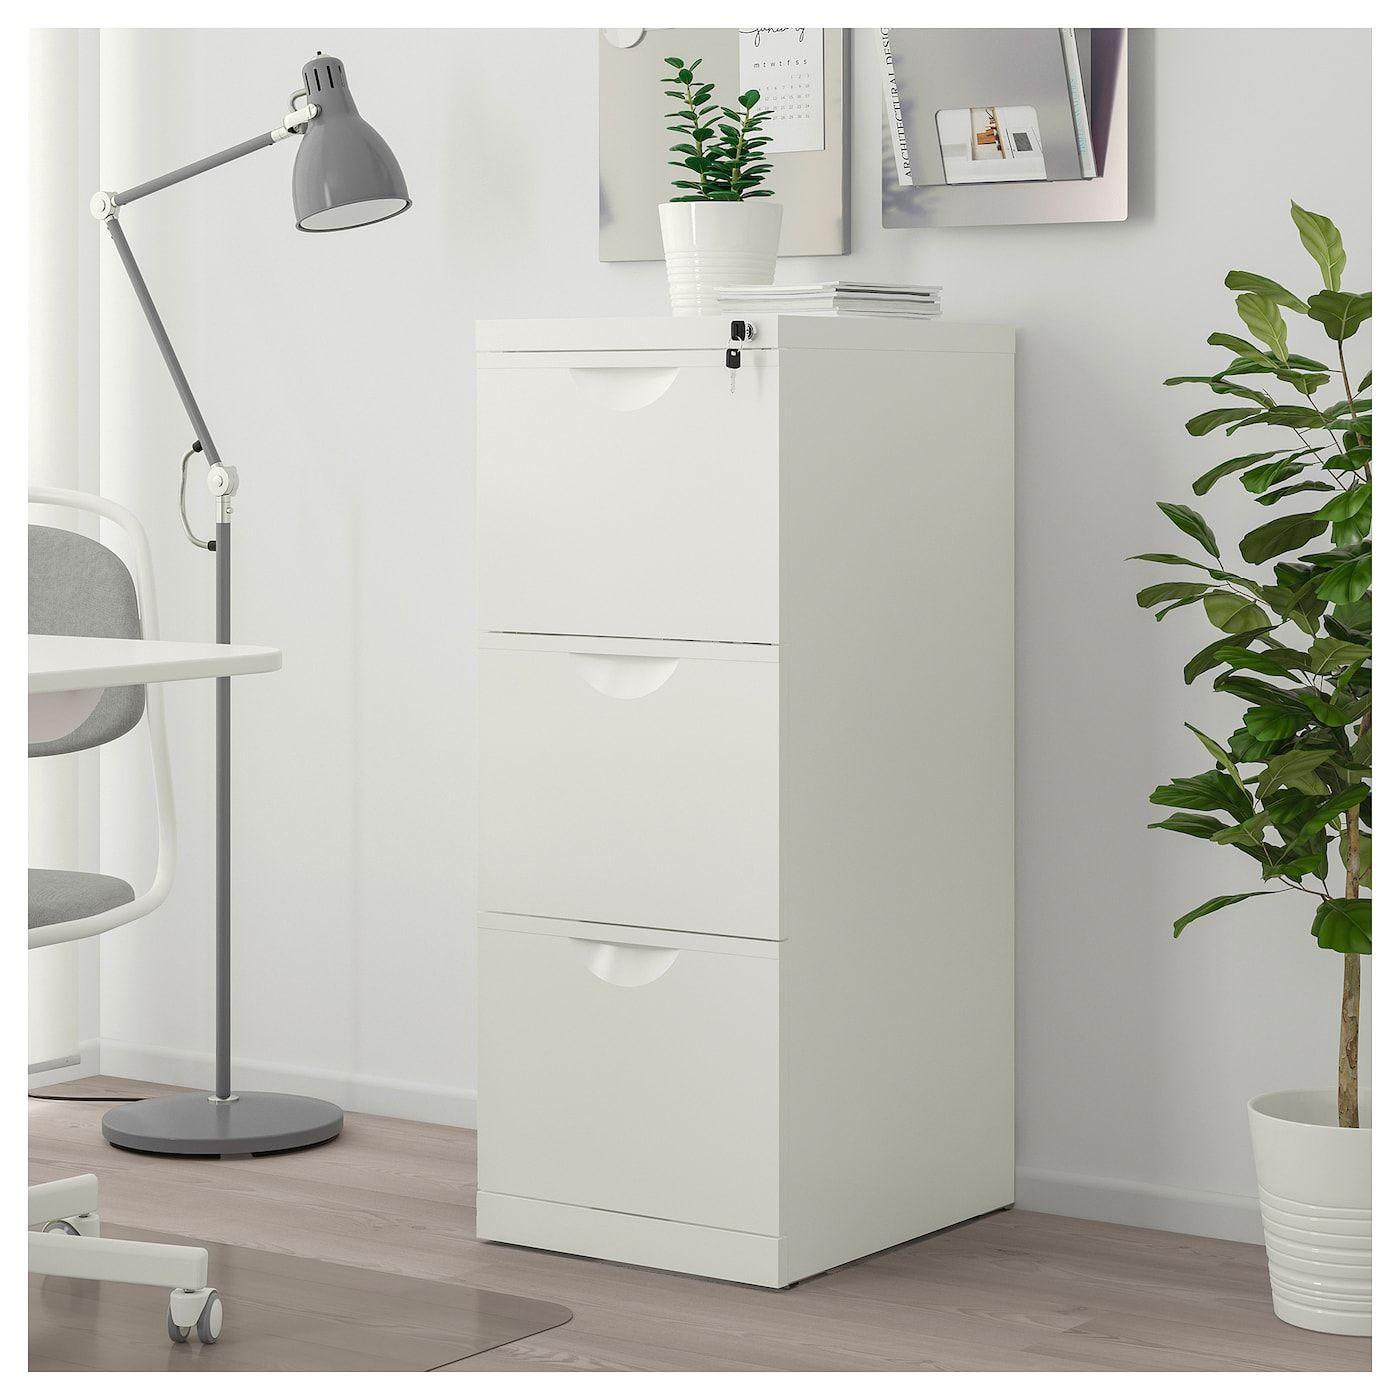 Erik Mappeskab Hvid 41x104 Cm Ikea Filing Cabinet Ikea Finds Discount Furniture Online